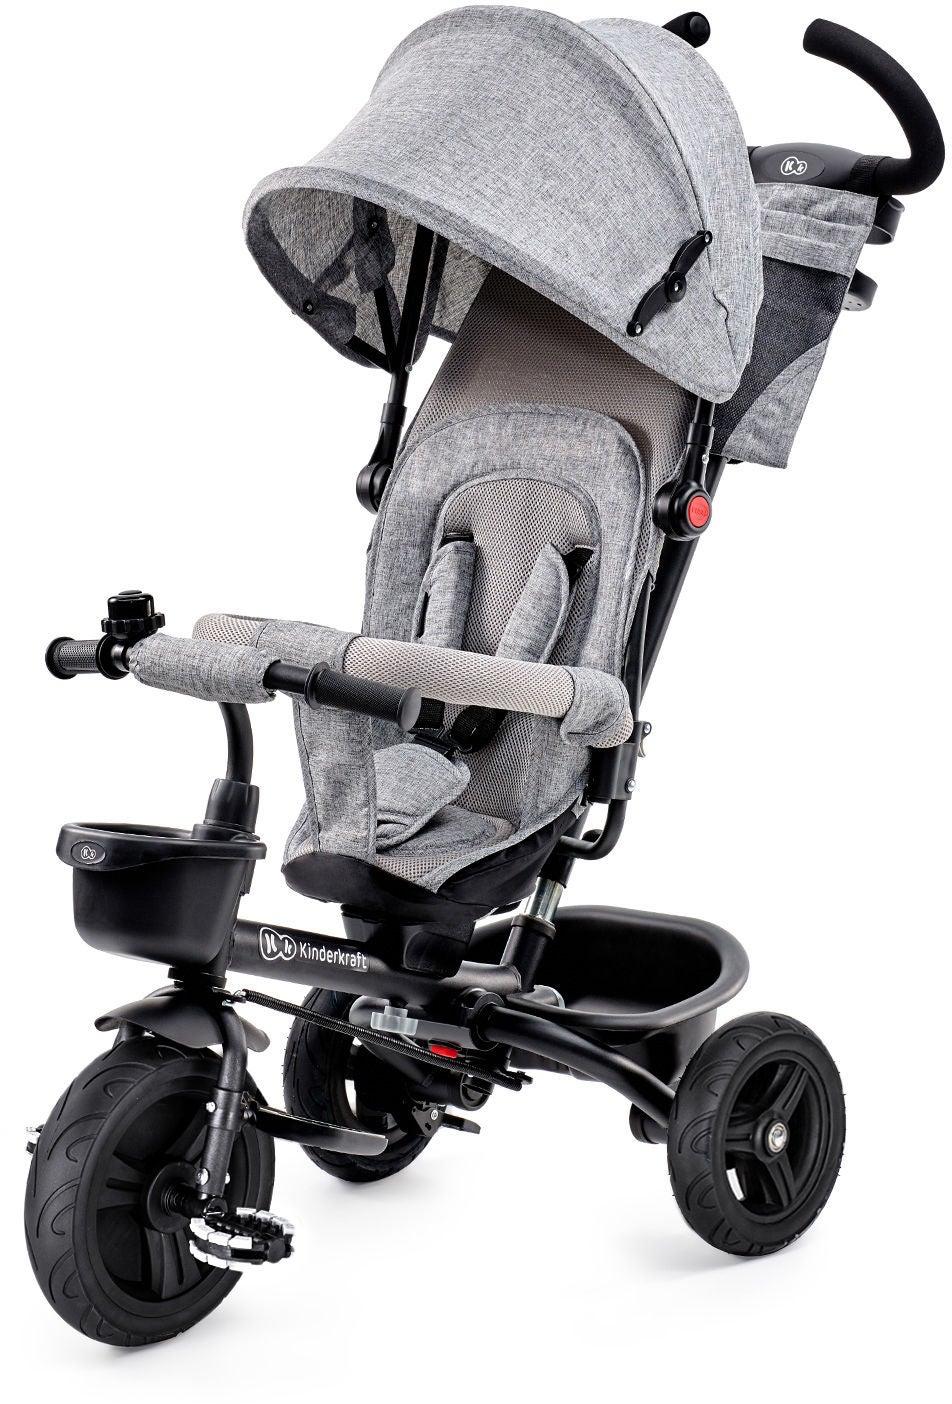 Kinderkraft Trehjuling AVEO, Grå